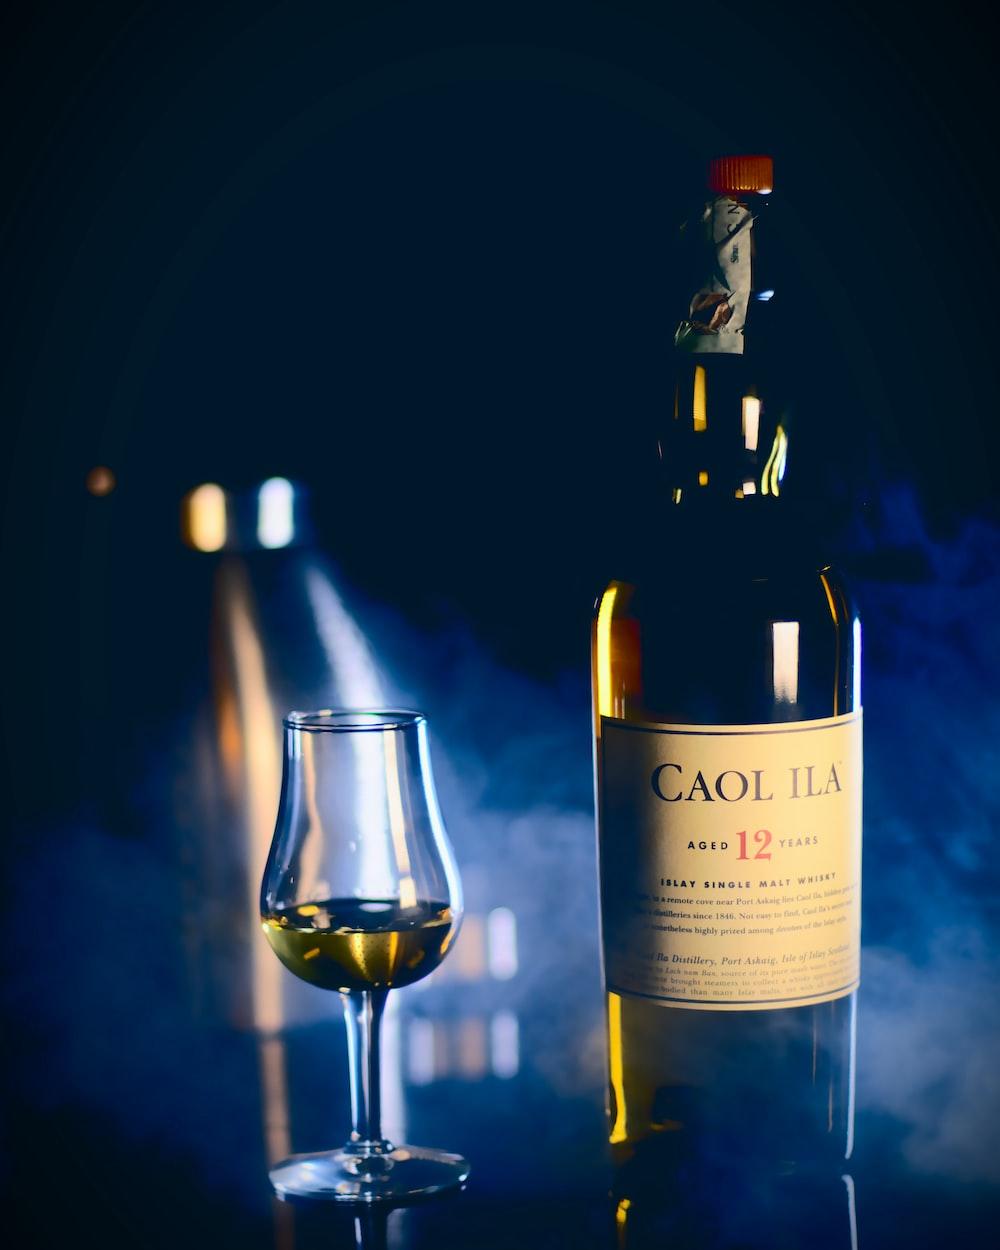 Caol Ila bottle near wine glass